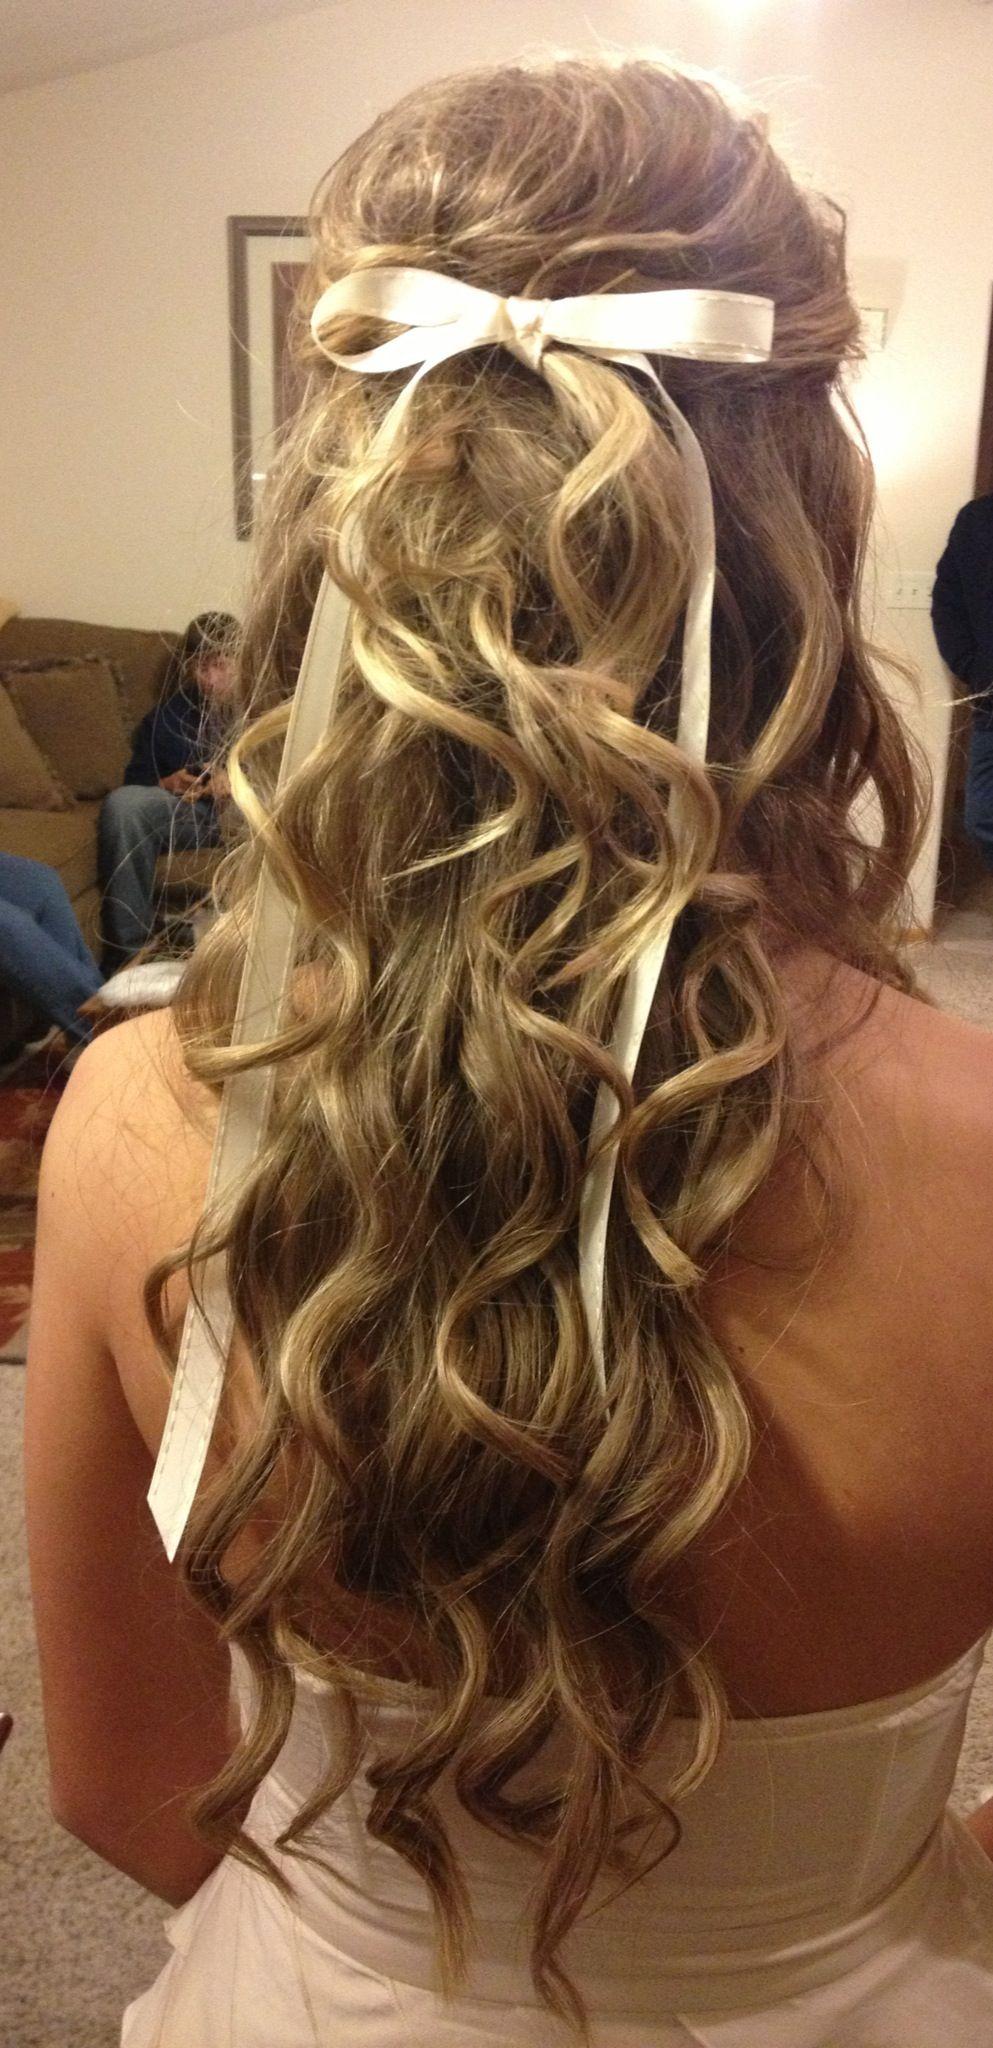 Homecoming hair loveee the bow super cute hair pinterest